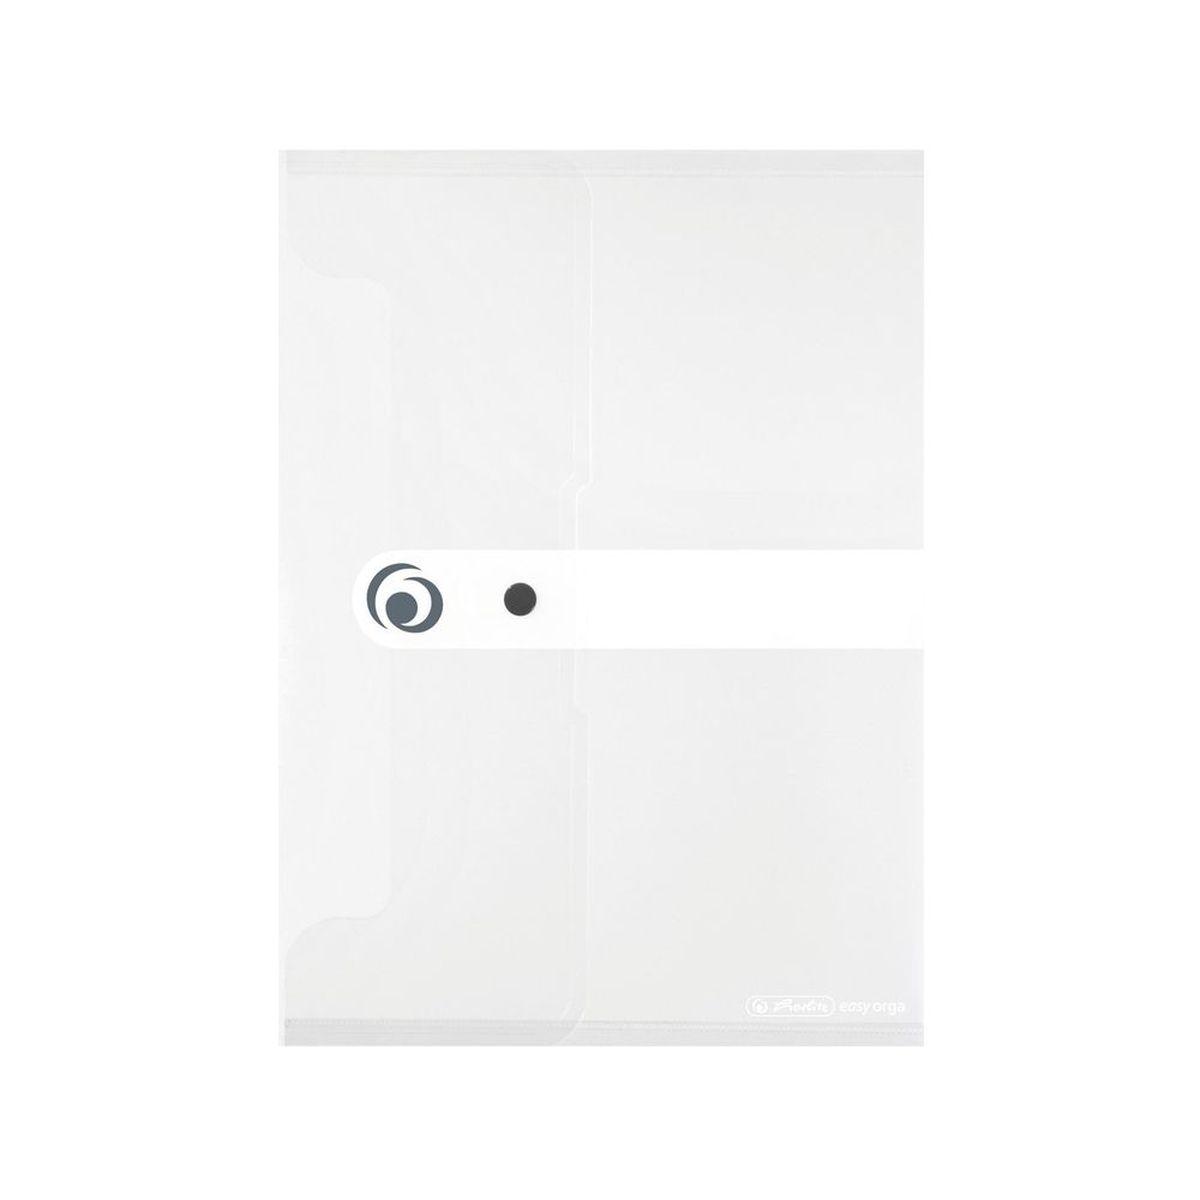 Herlitz Папка-конверт Easy orga формат A5 цвет прозрачныйAC-1121RDПапка для документов с кнопкой. Формат A5. Папки easy orga изготавливаются из качественного полипропилена, полностью безопасного для человека. Цвет прозрачный. Удобно и просто закрывается благодаря кнопке, которая ее надежно фиксирует